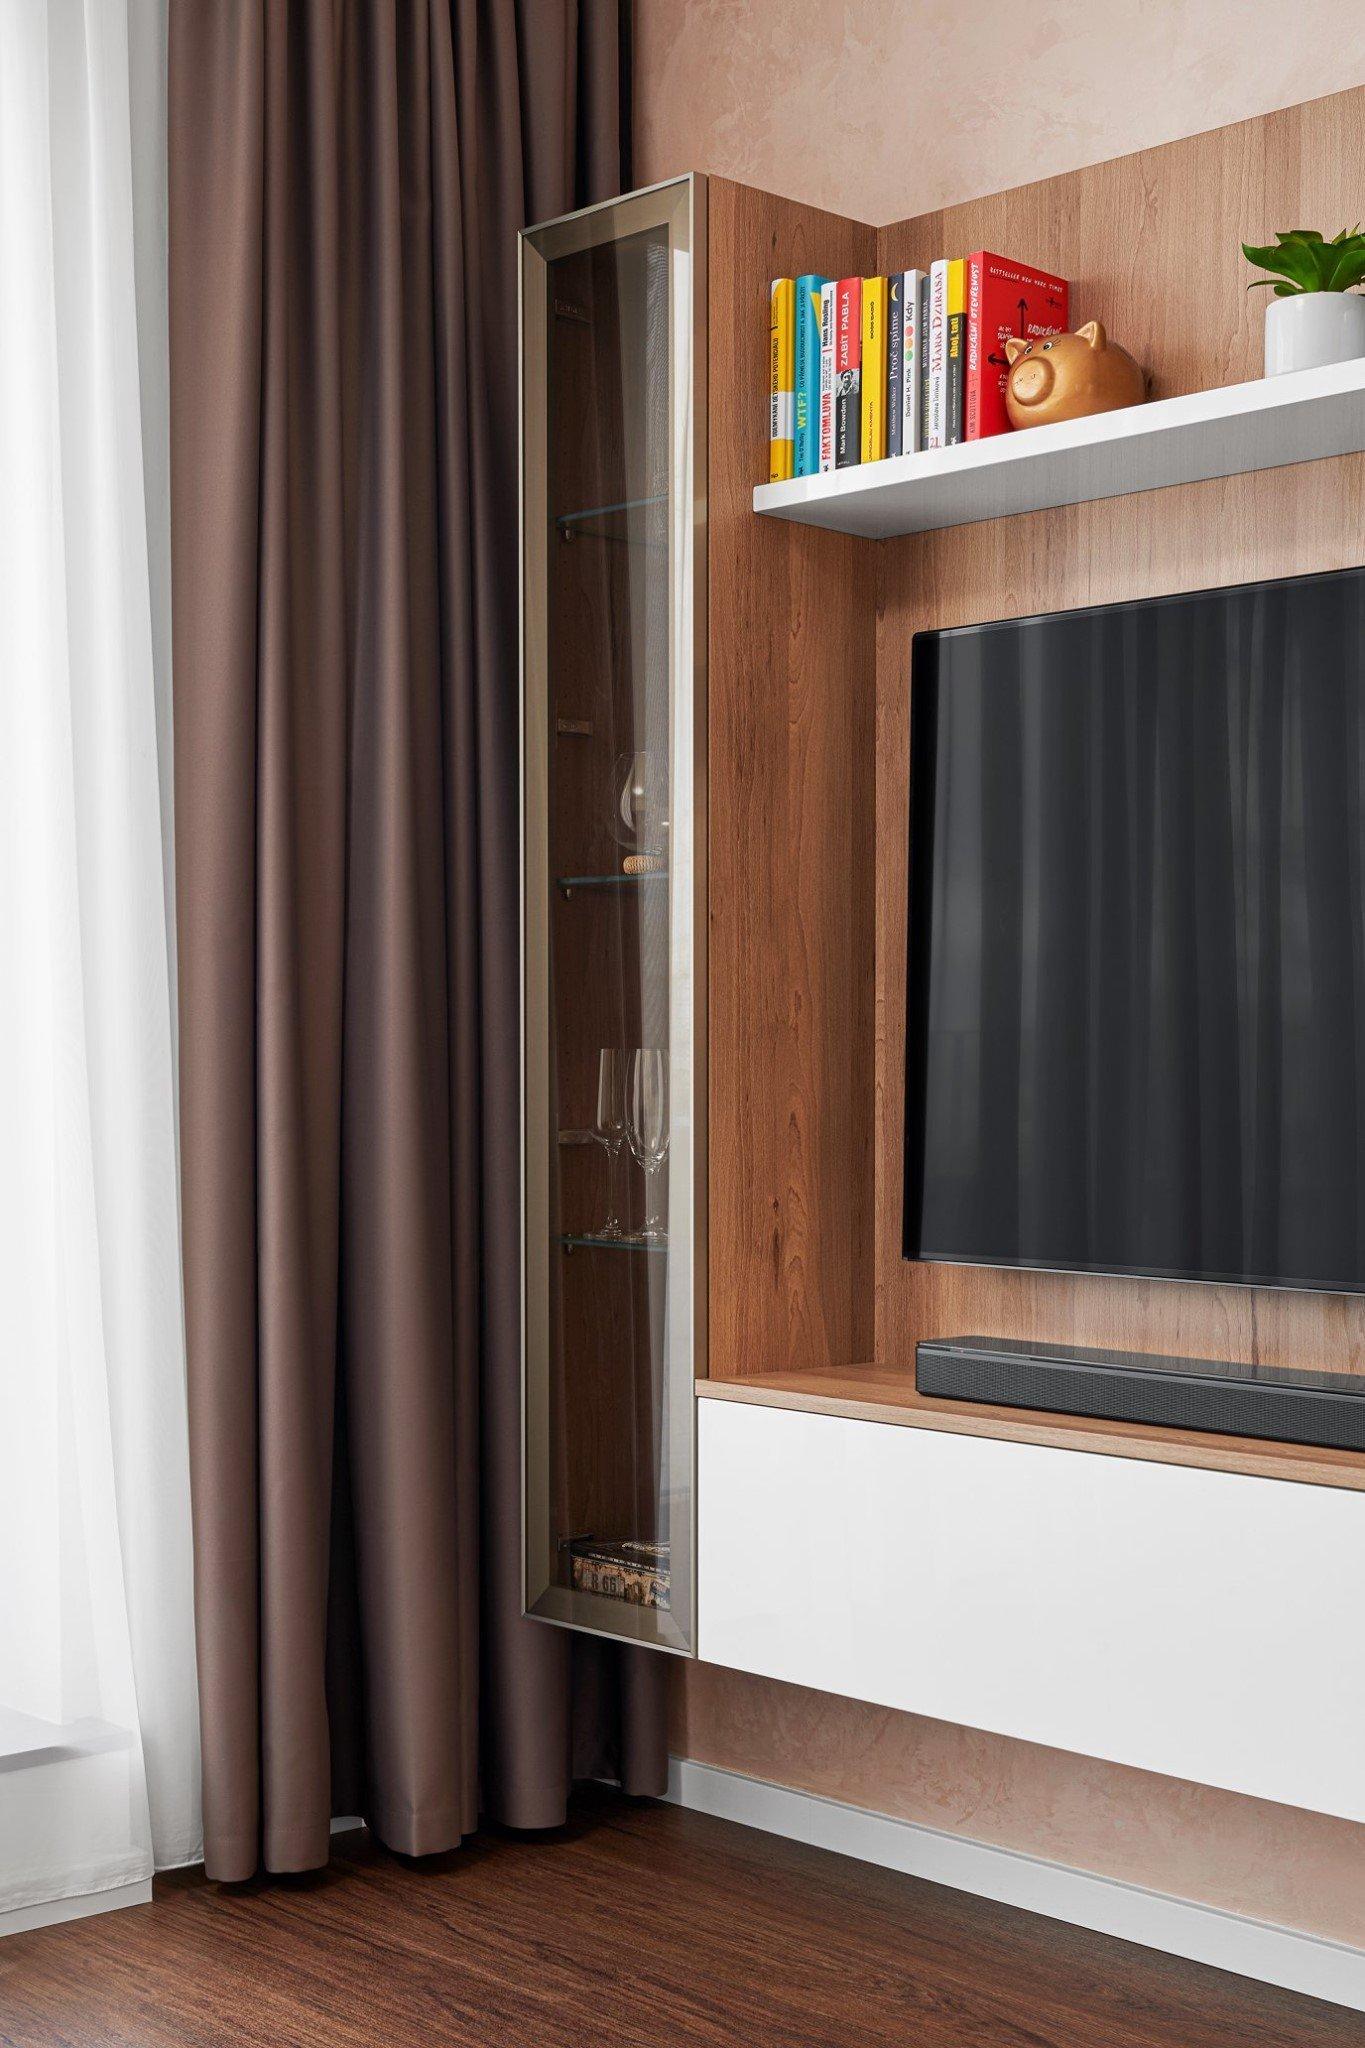 Krásný a útulný byt s kuchyní ELITE/STYLE navazující na obývací pokoj nabízí dokonalou sladěnost v interiéru. Pro relaxaci a odpočinek byla do obývacího pokoje…